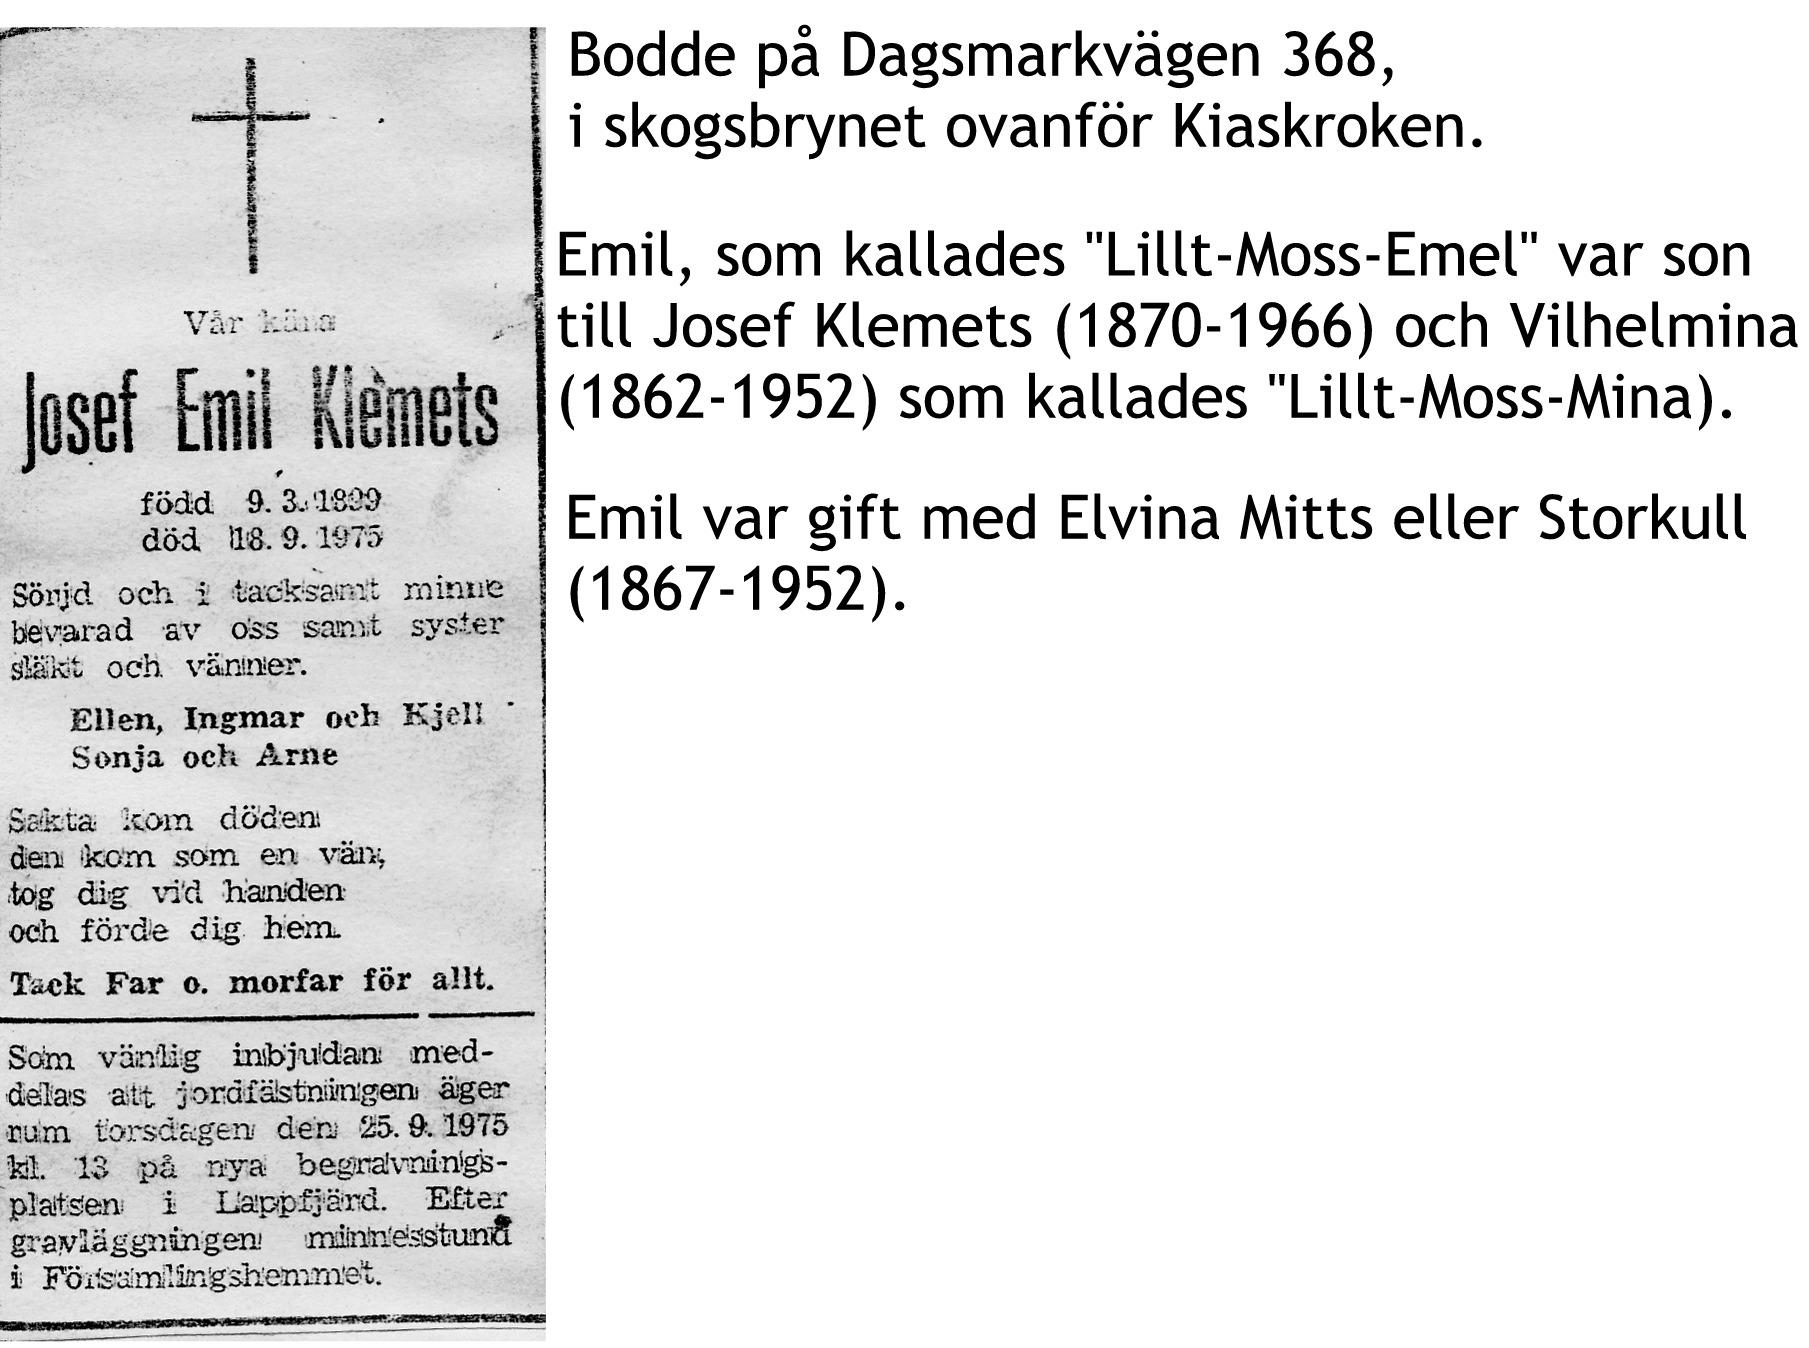 Klemets Josef EMIL